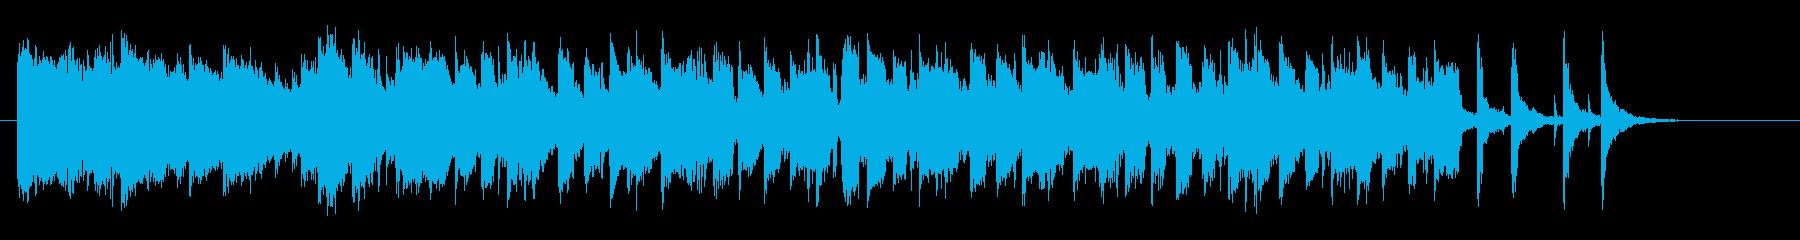 穏やかなシンセバラードの再生済みの波形